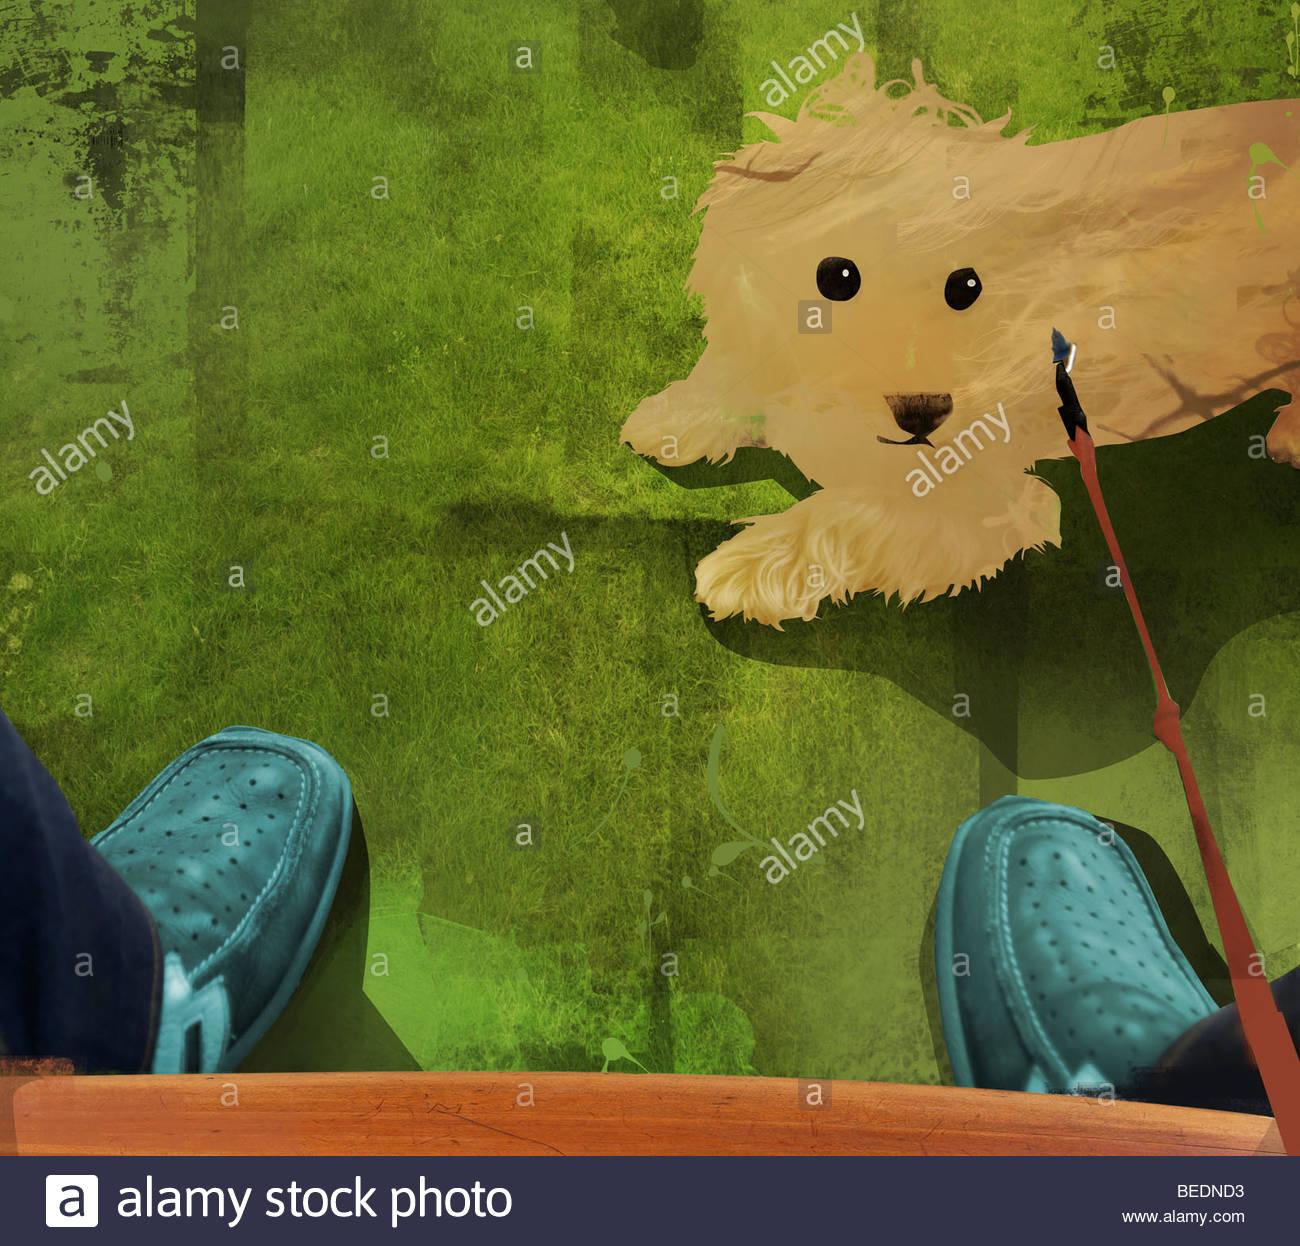 Proprietario guardando giù al cane al guinzaglio Immagini Stock